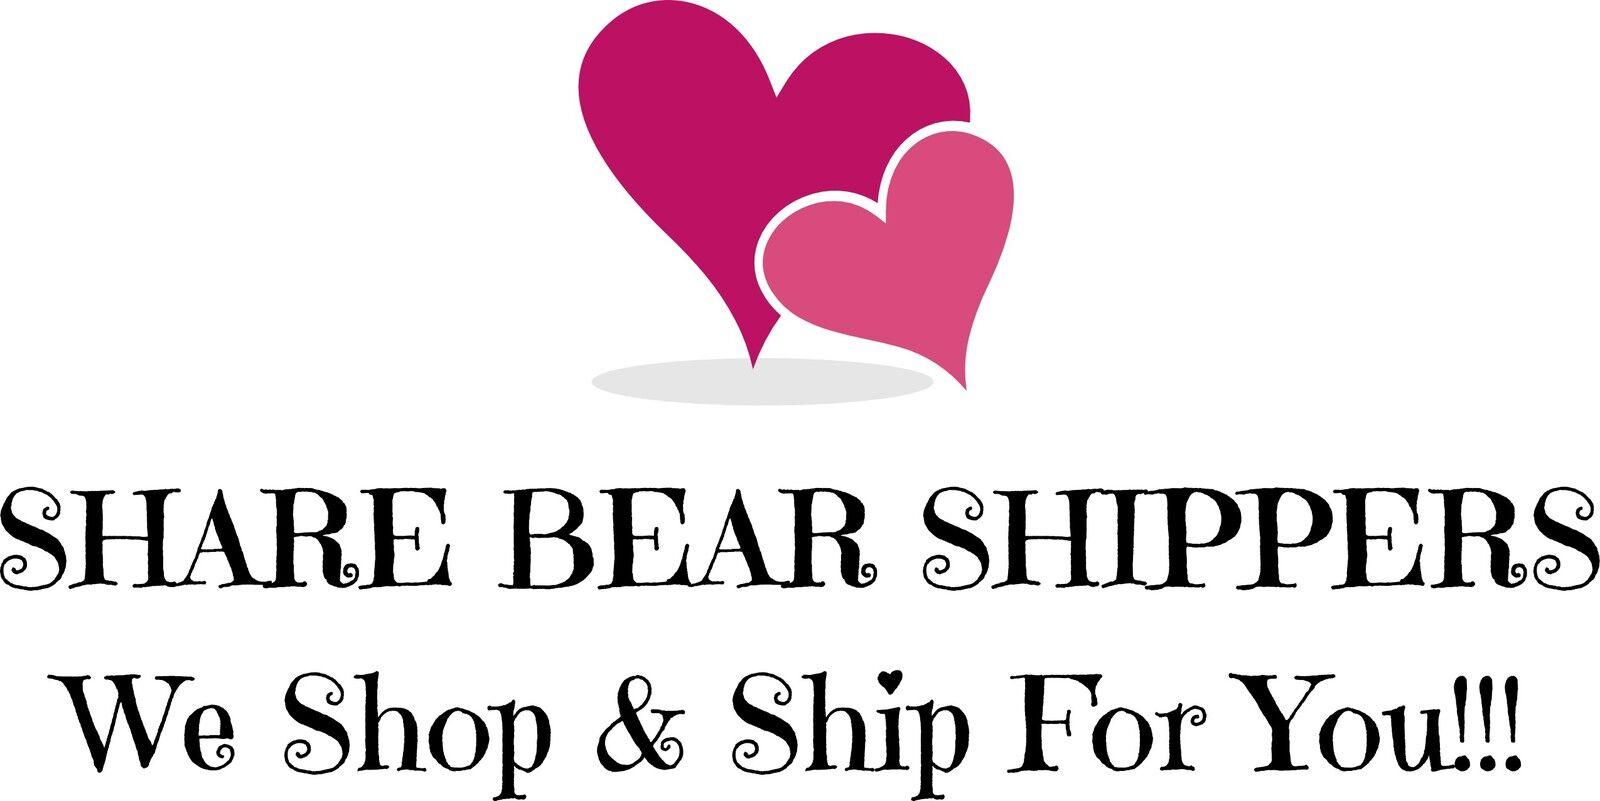 Share Bear Shippers Inc.